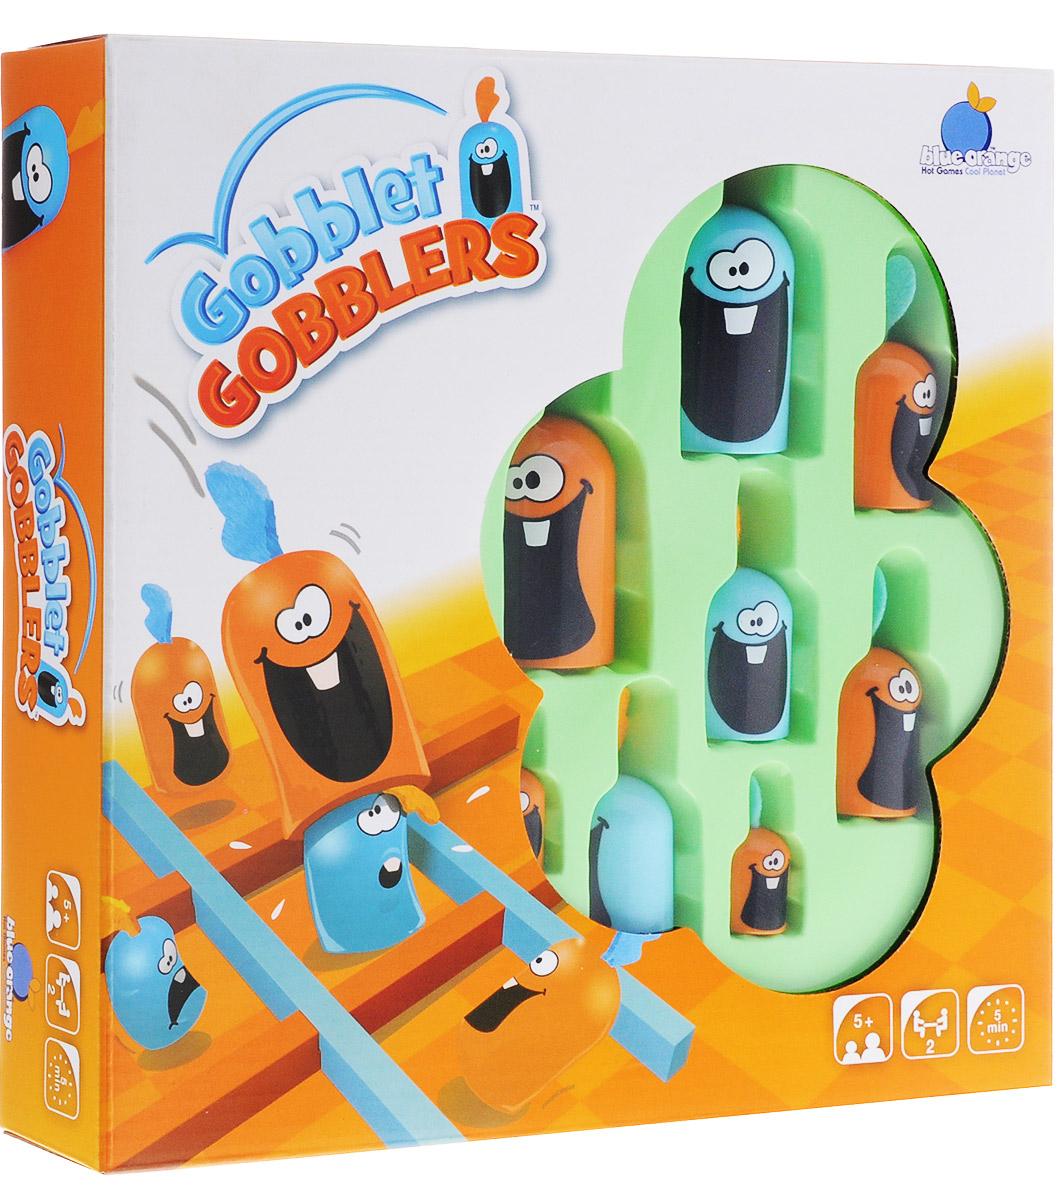 Blue Orange Настольная игра Gobblet Gobblers blue orange настольная игра blue orange дело в шляпе